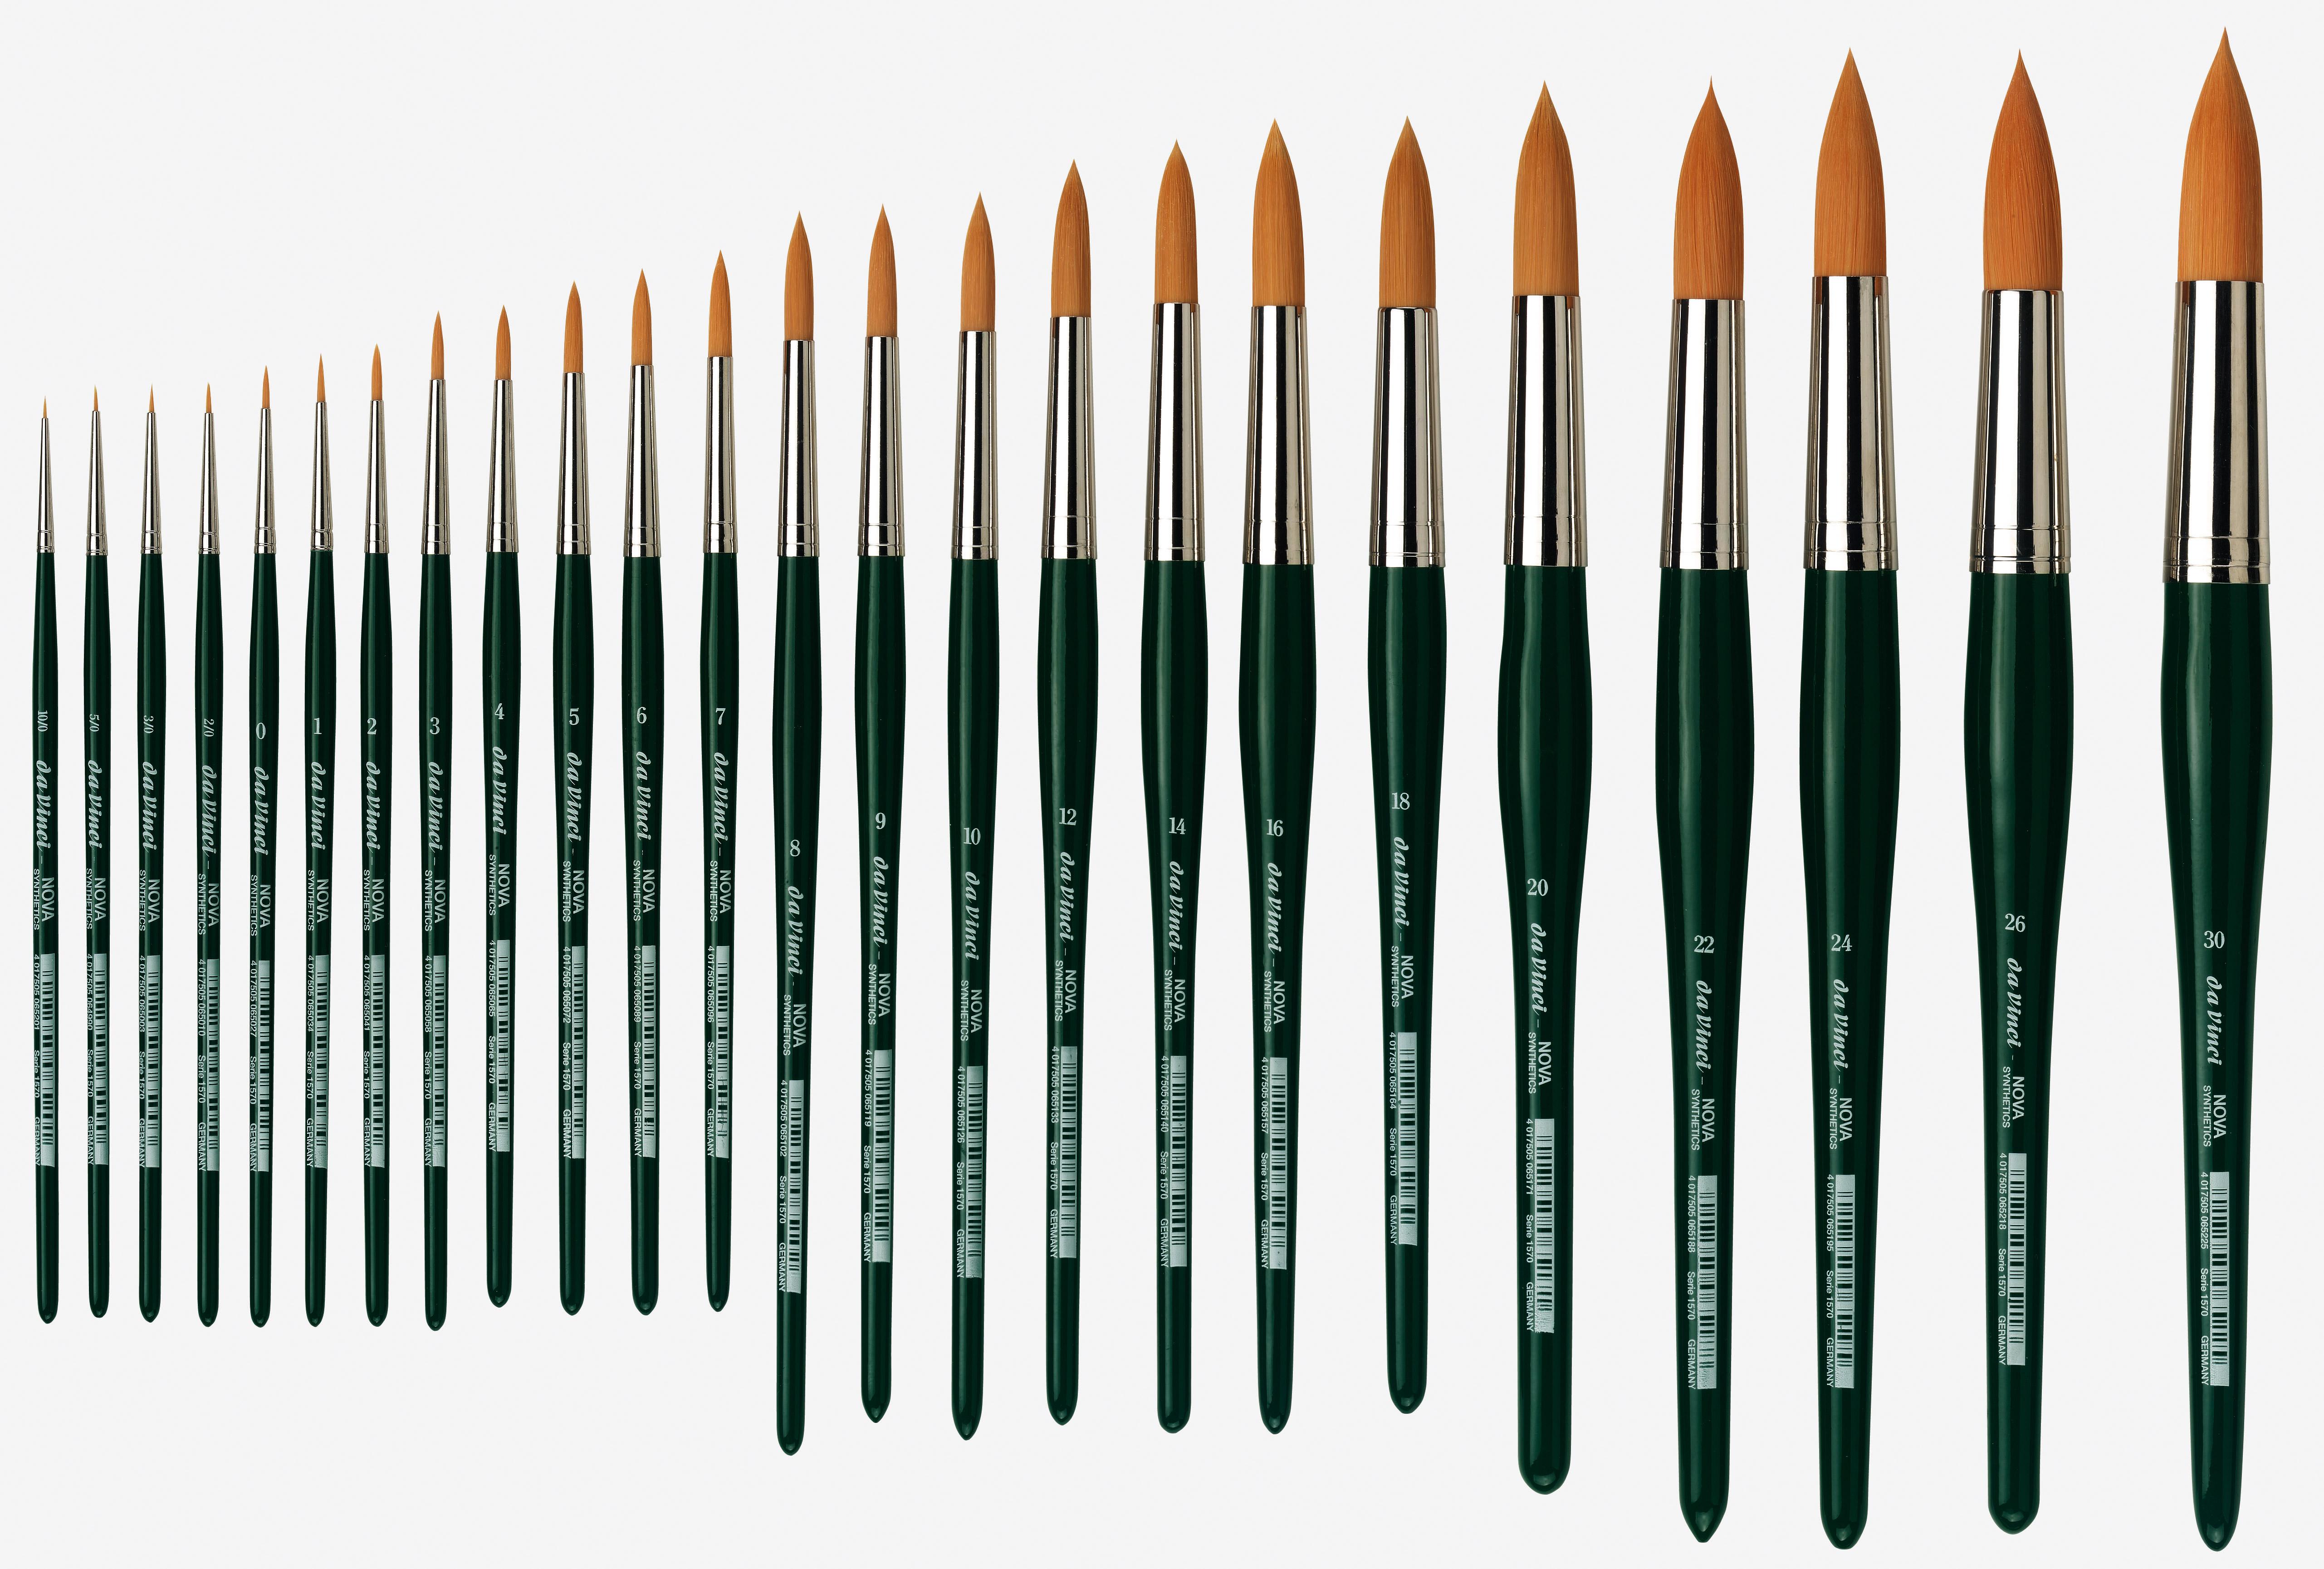 Da Vinci pennello in fibra sintetica a manico corto tondo serie NOVA 1570